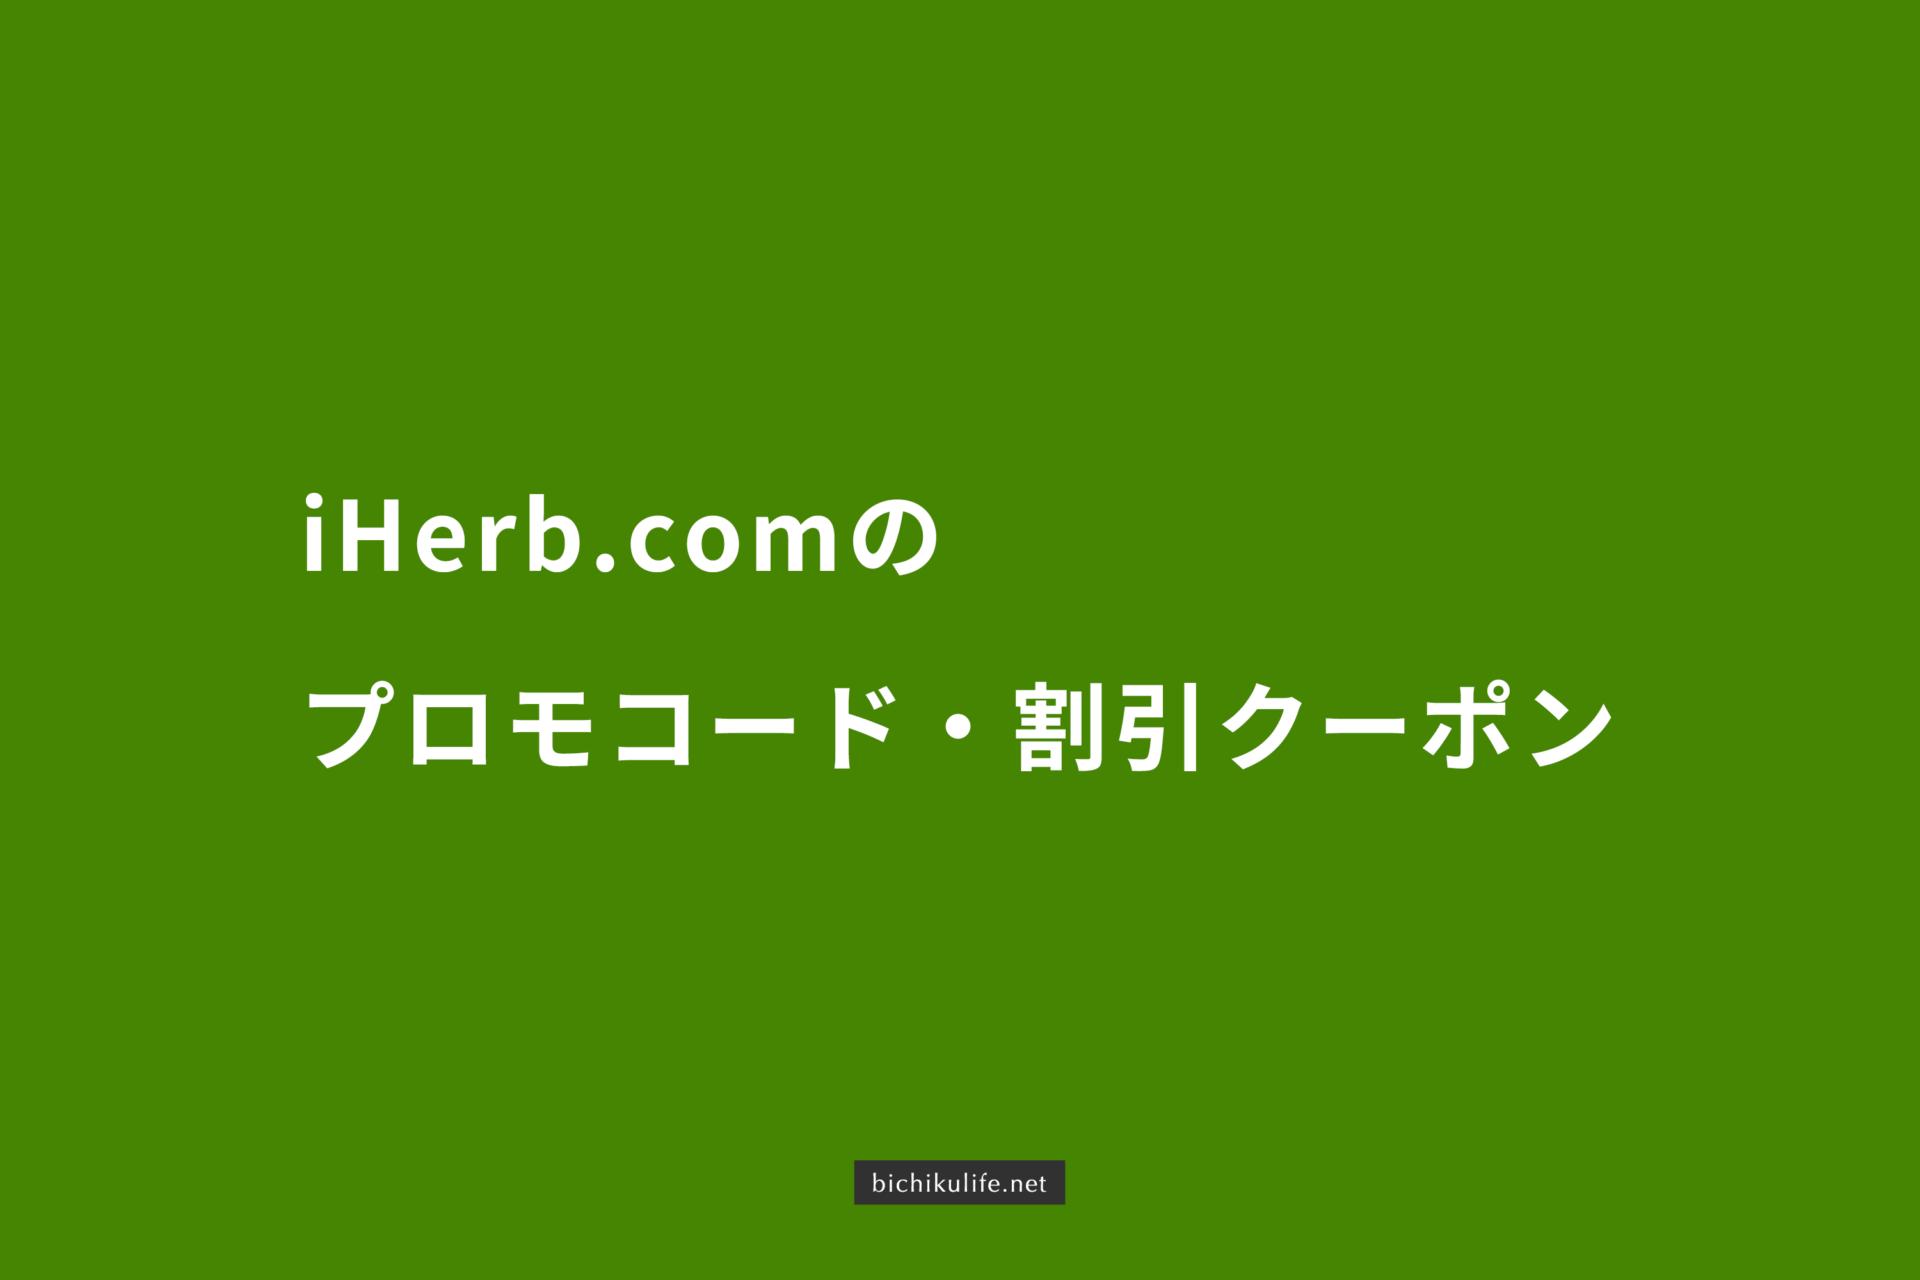 iHerbのプロモコード・割引クーポン 安く購入する方法